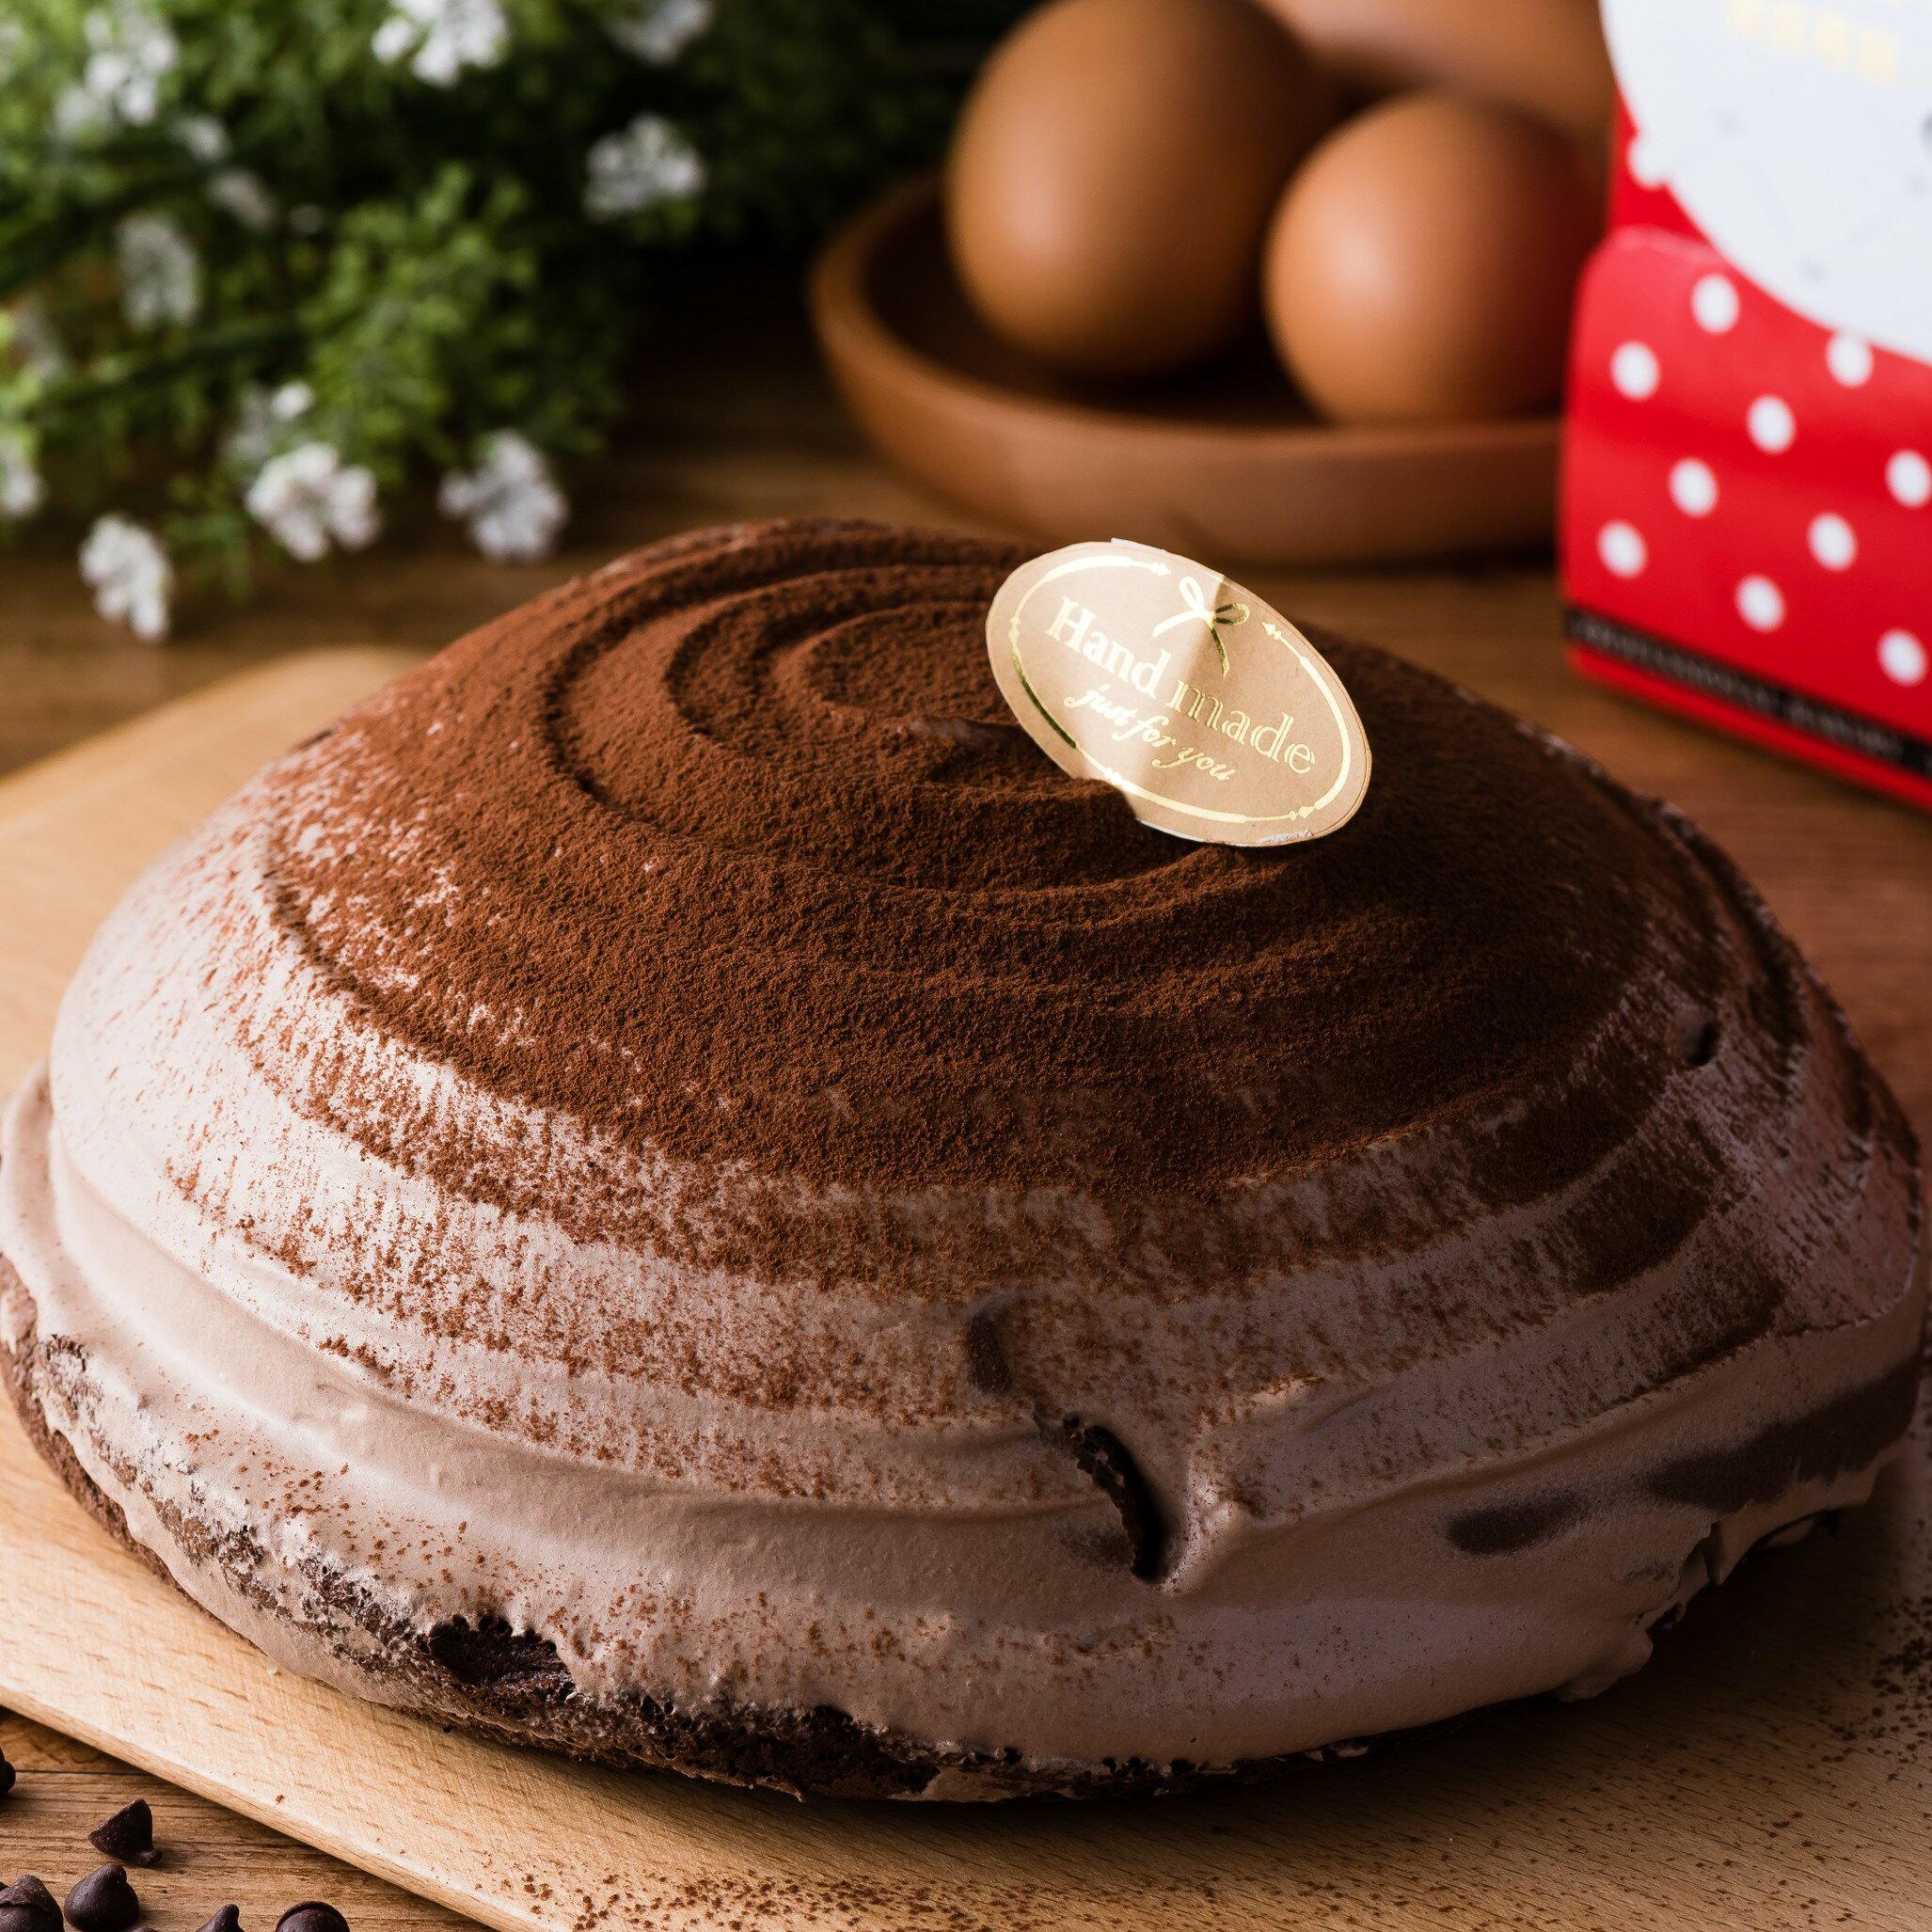 Mu Sweets 生乳系 朱古力波士頓派6吋★樂天蛋糕節滿499免運